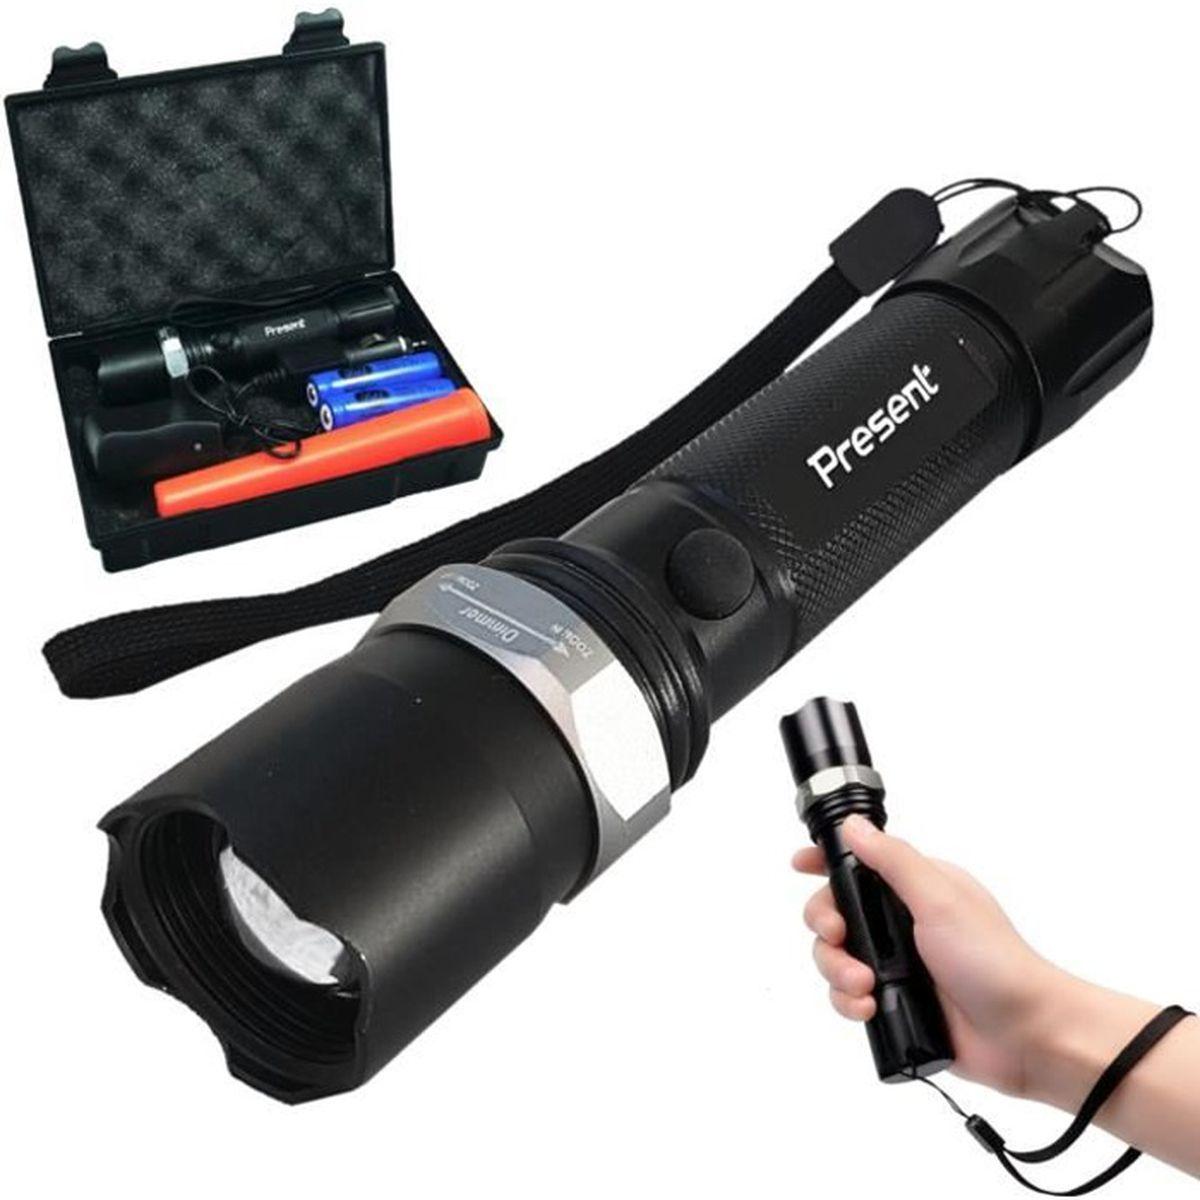 le torche rechargeable à led puissante d une portée de plus de